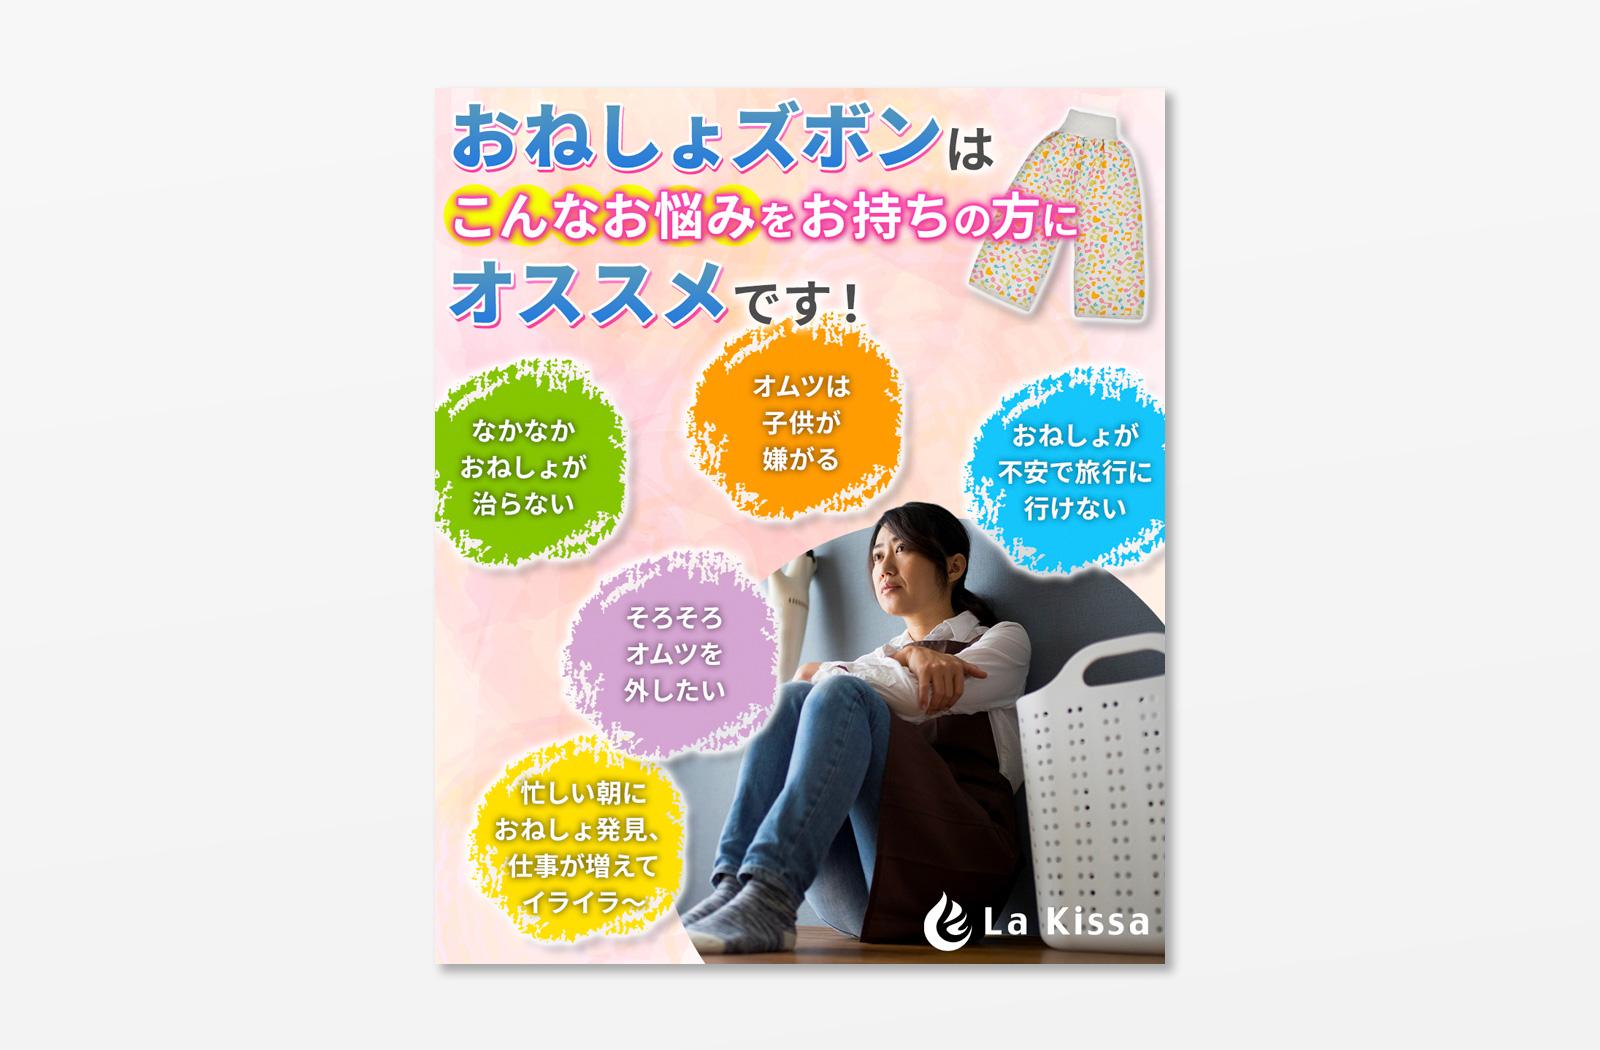 Amazon(アマゾン)商品カタログ(おねしょズボン)